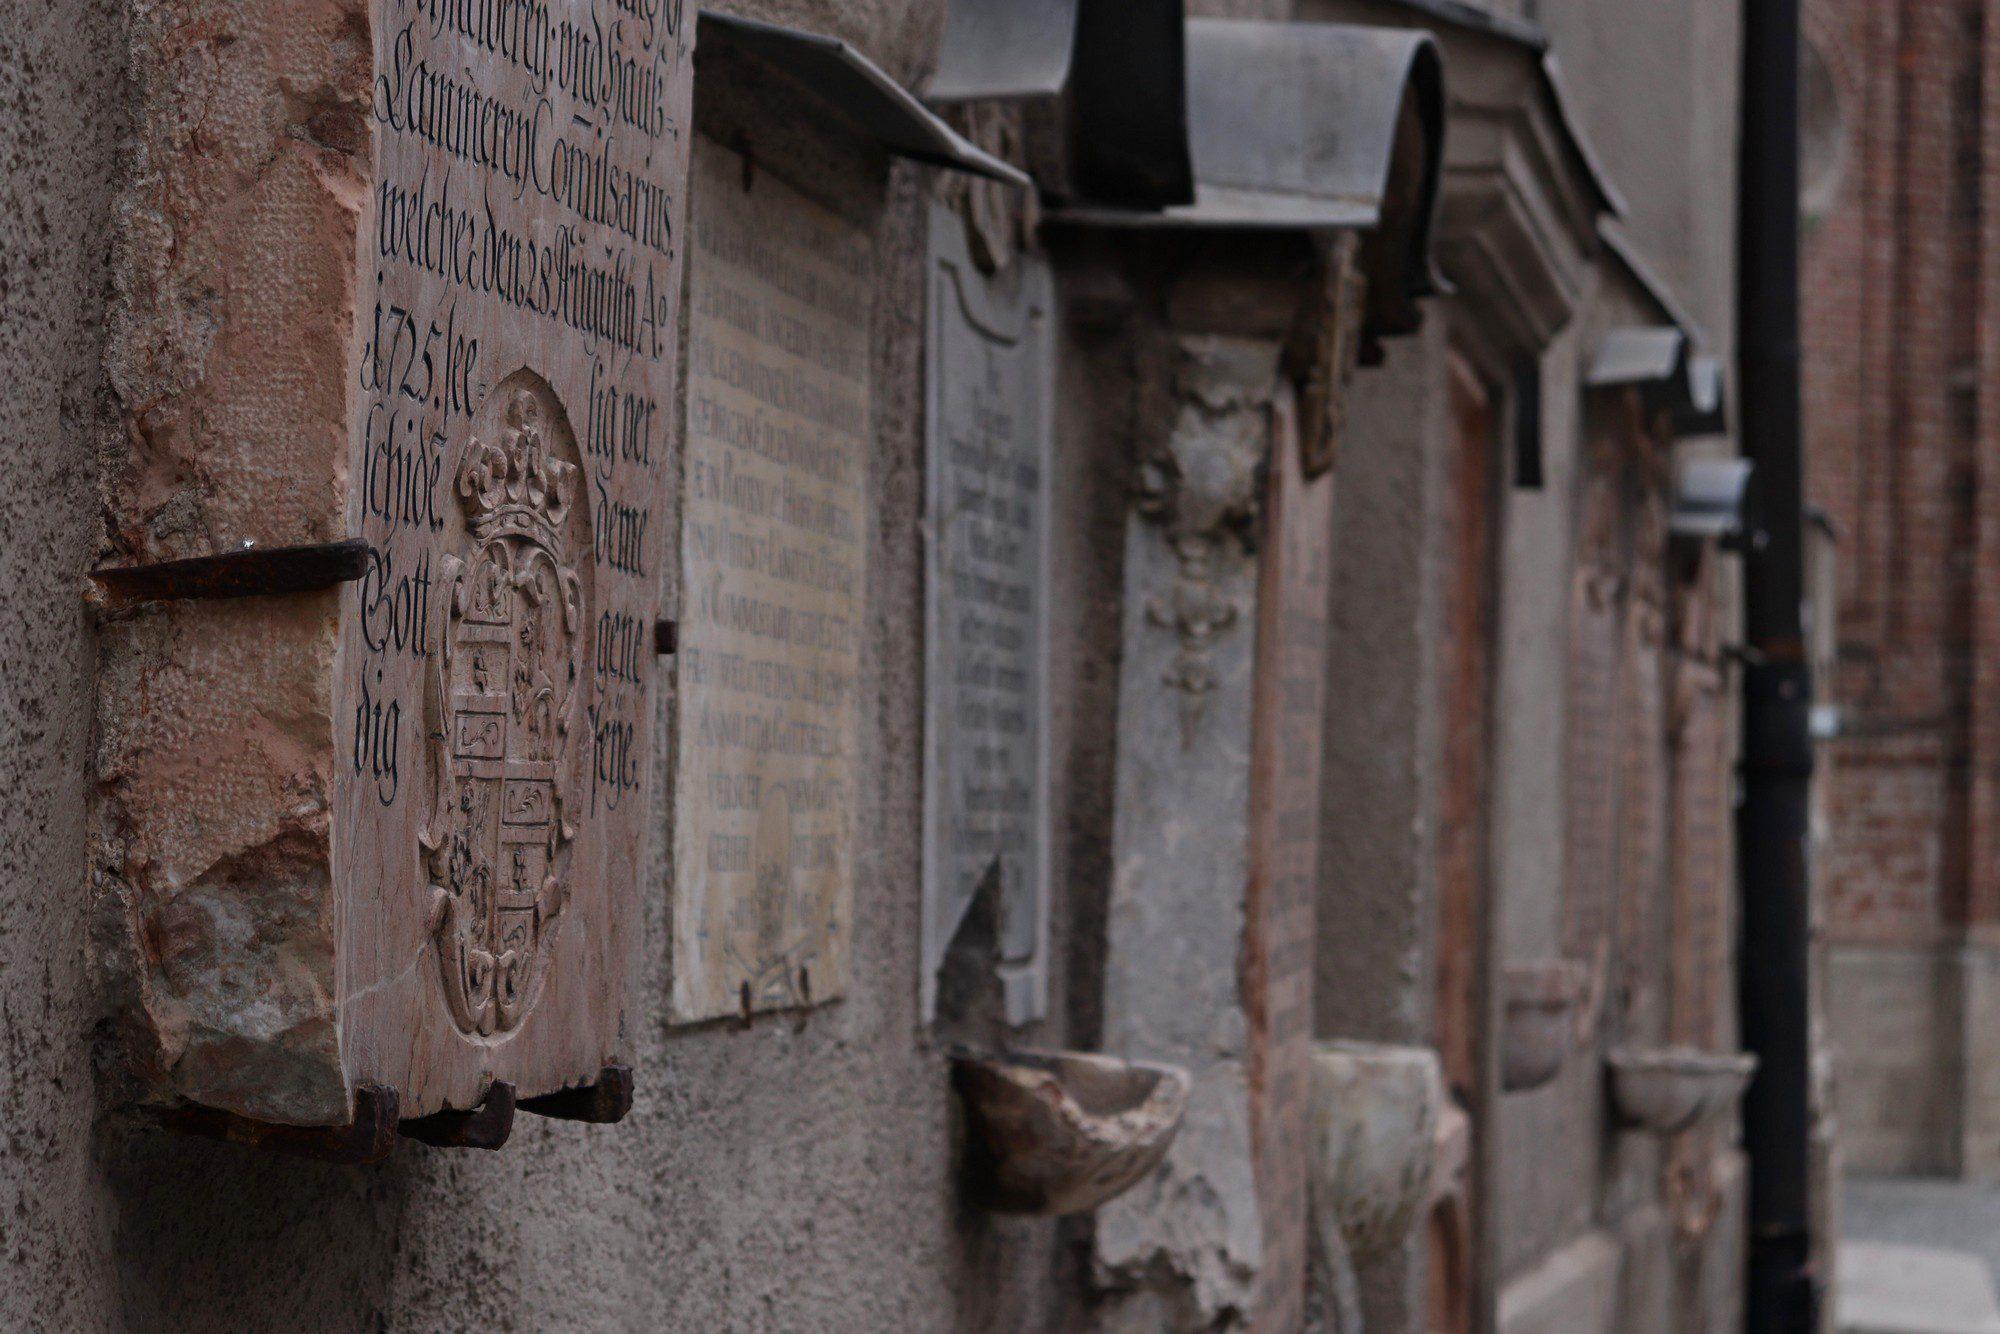 Grabsteine an der Fassade des Alten Peters in München